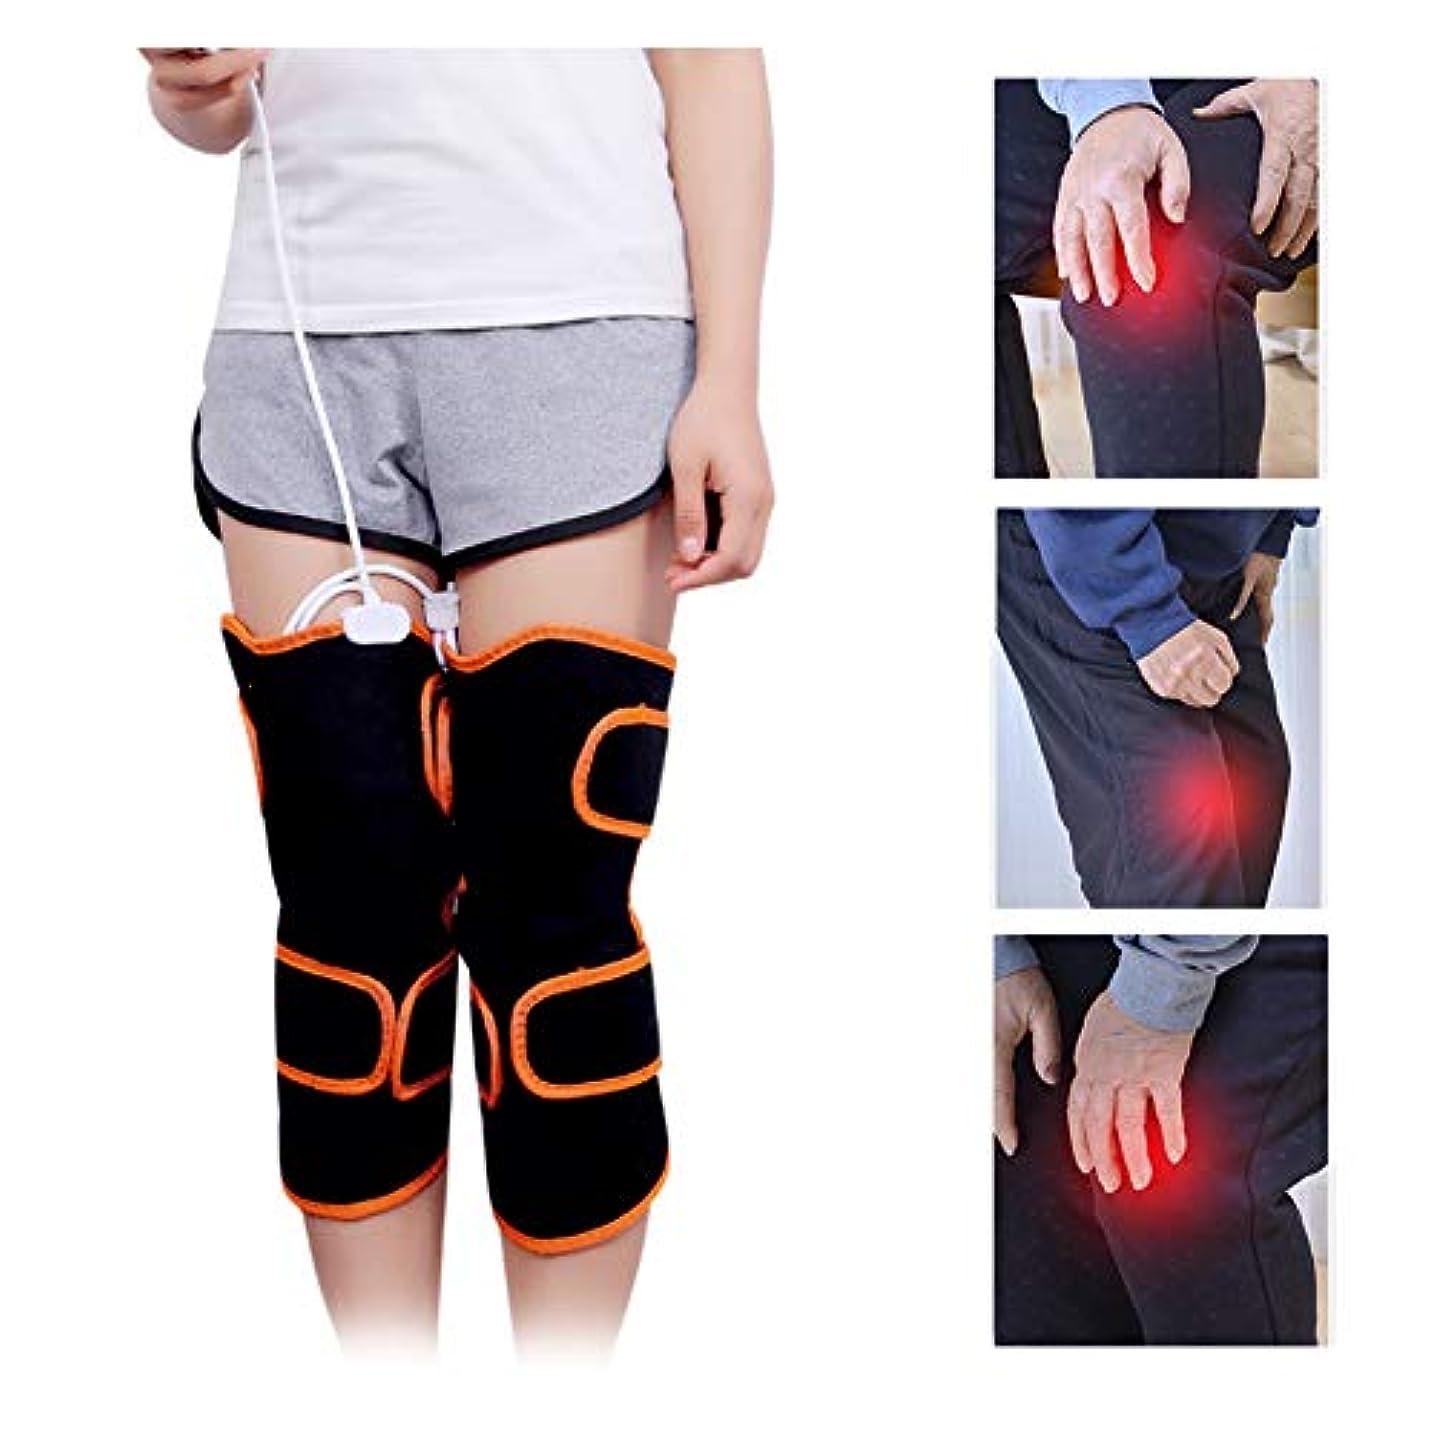 残忍なアヒル不幸9種類のマッサージモードと5種類の速度の膝温熱パッド付き加熱膝装具-膝の怪我、痛みを軽減するセラピーラップマッサージャー